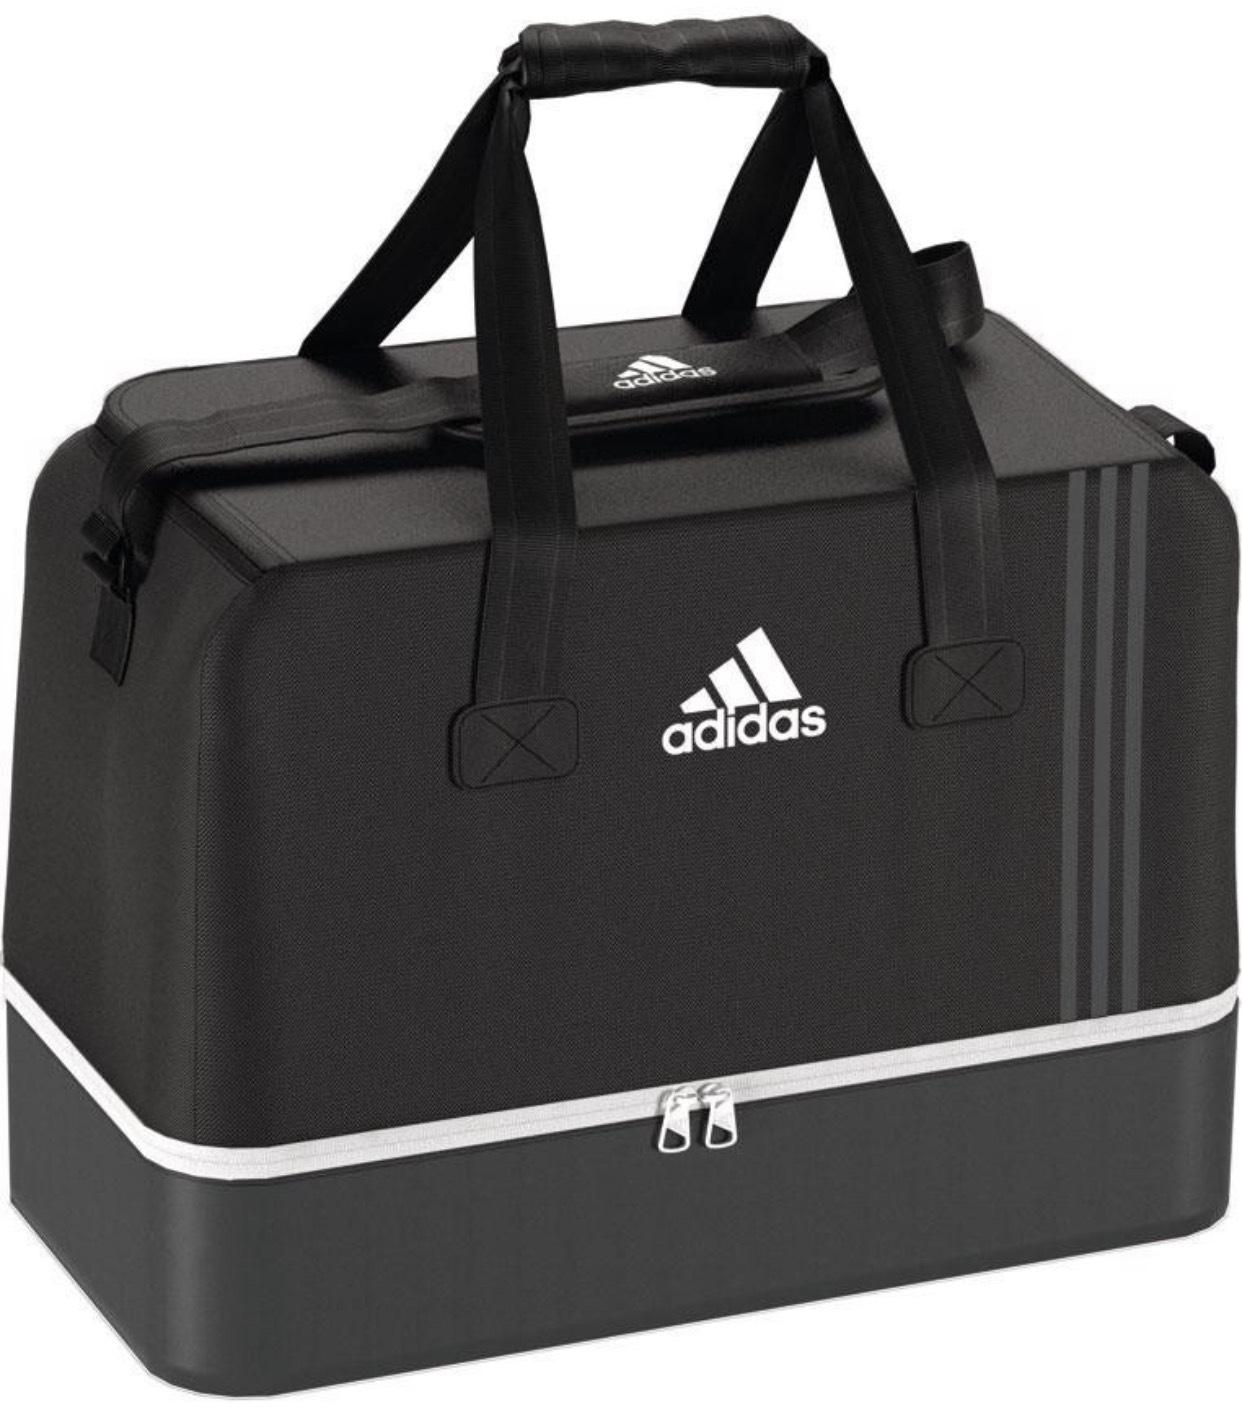 adidas Sporttasche Tiro Teambag Bottom Compartment M in Schwarz oder Blau für 19,95€